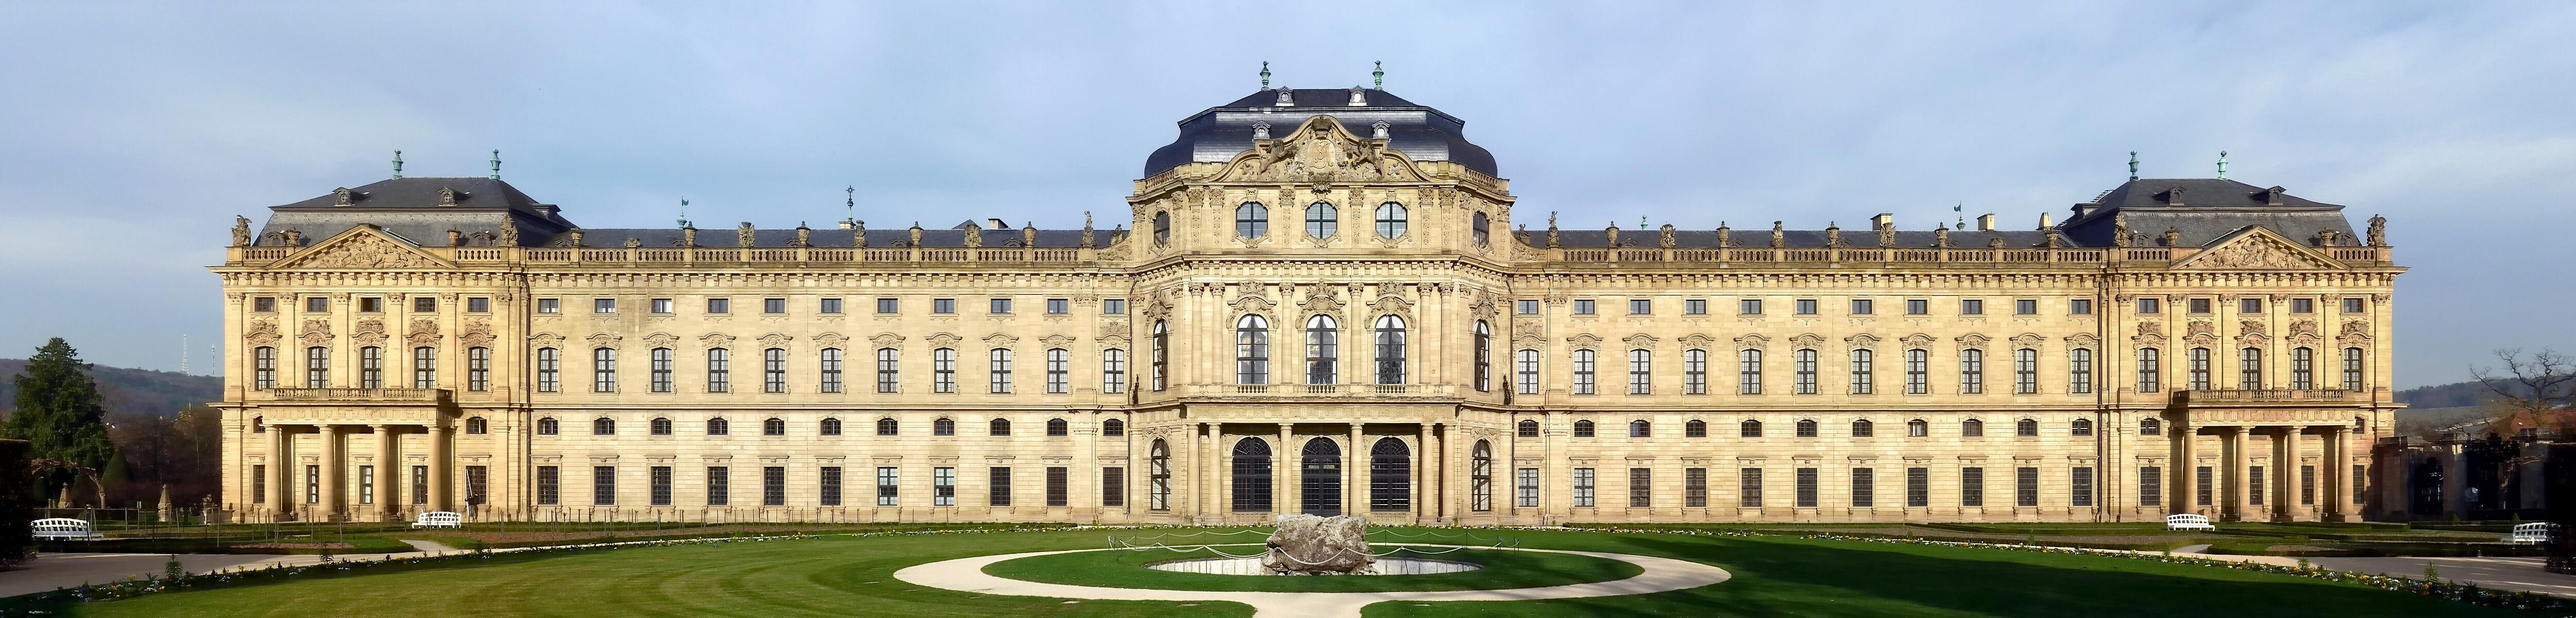 Würzburger Residenz, Gartenfront.jpg